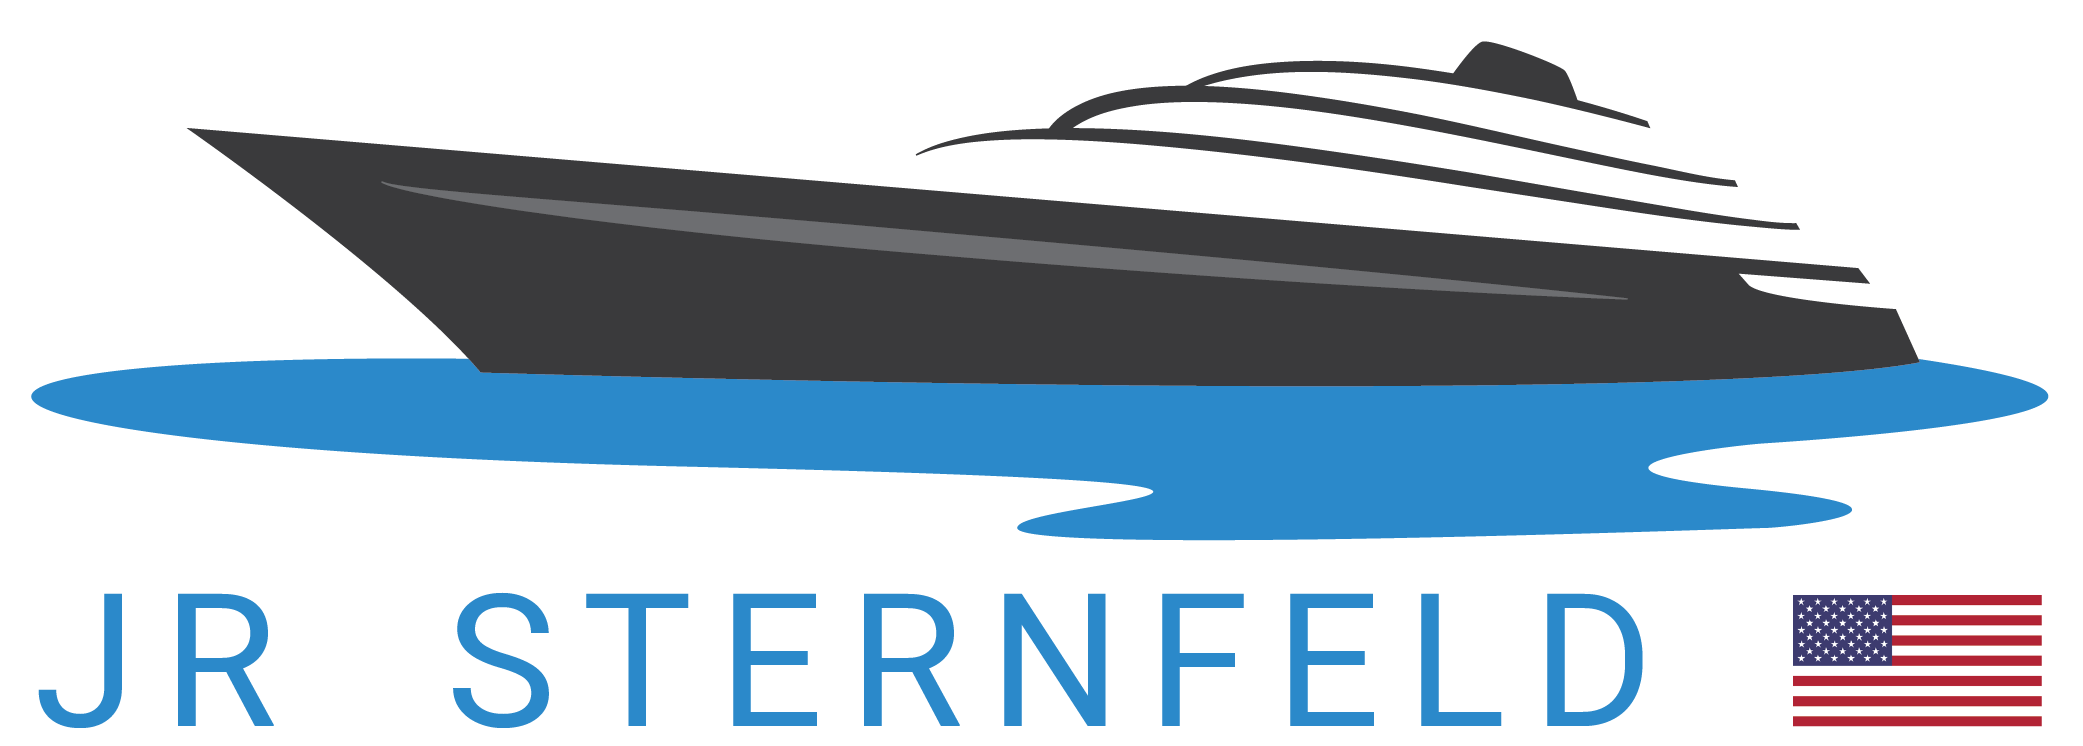 JRSternfeld_OG